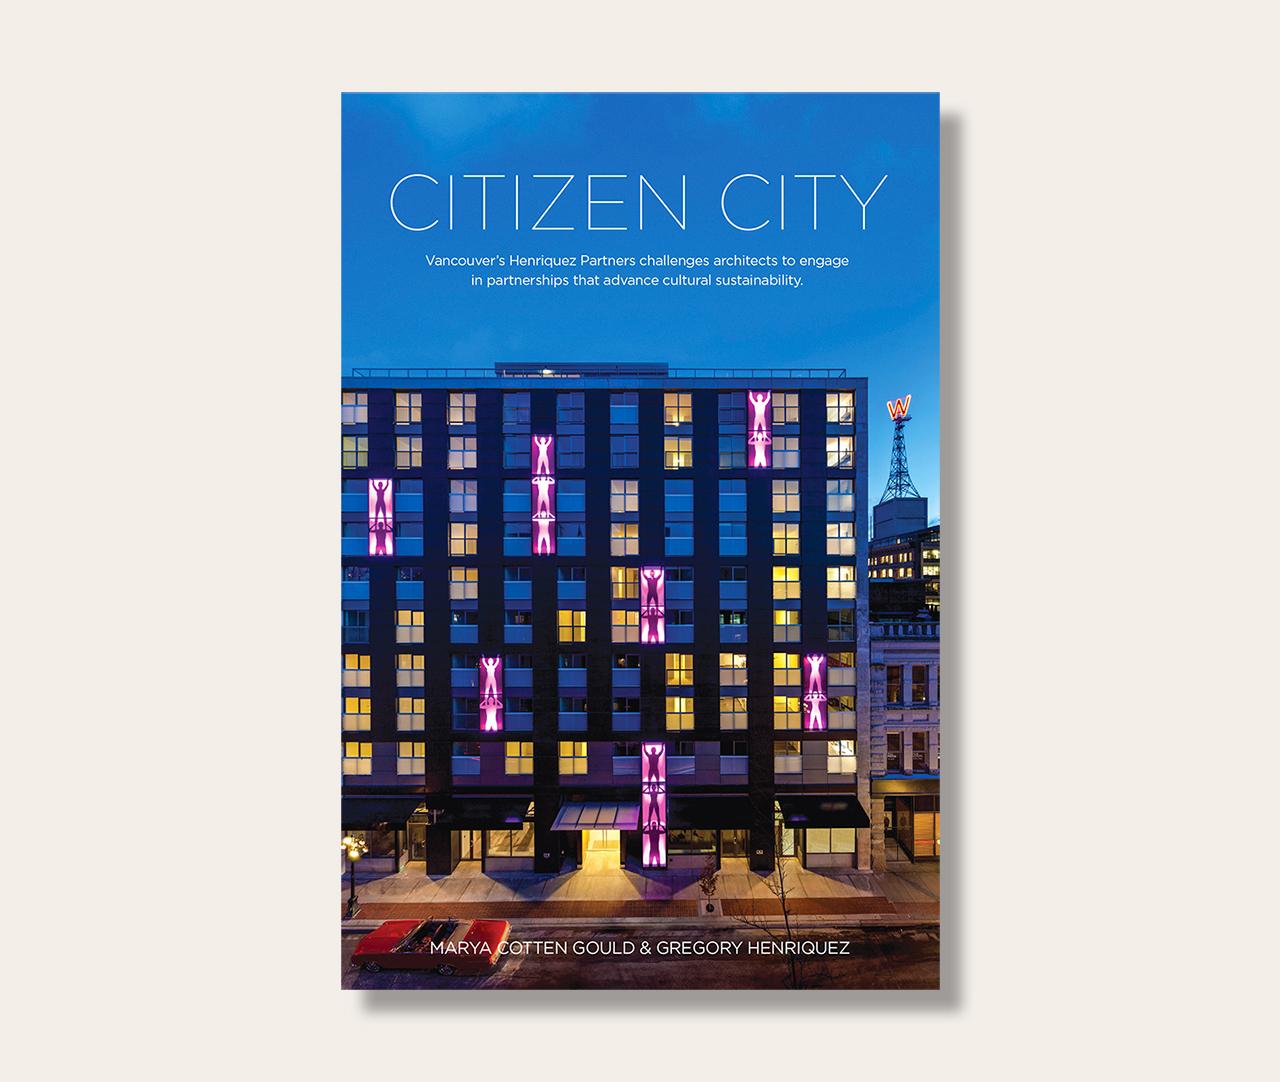 Citizen City book cover.